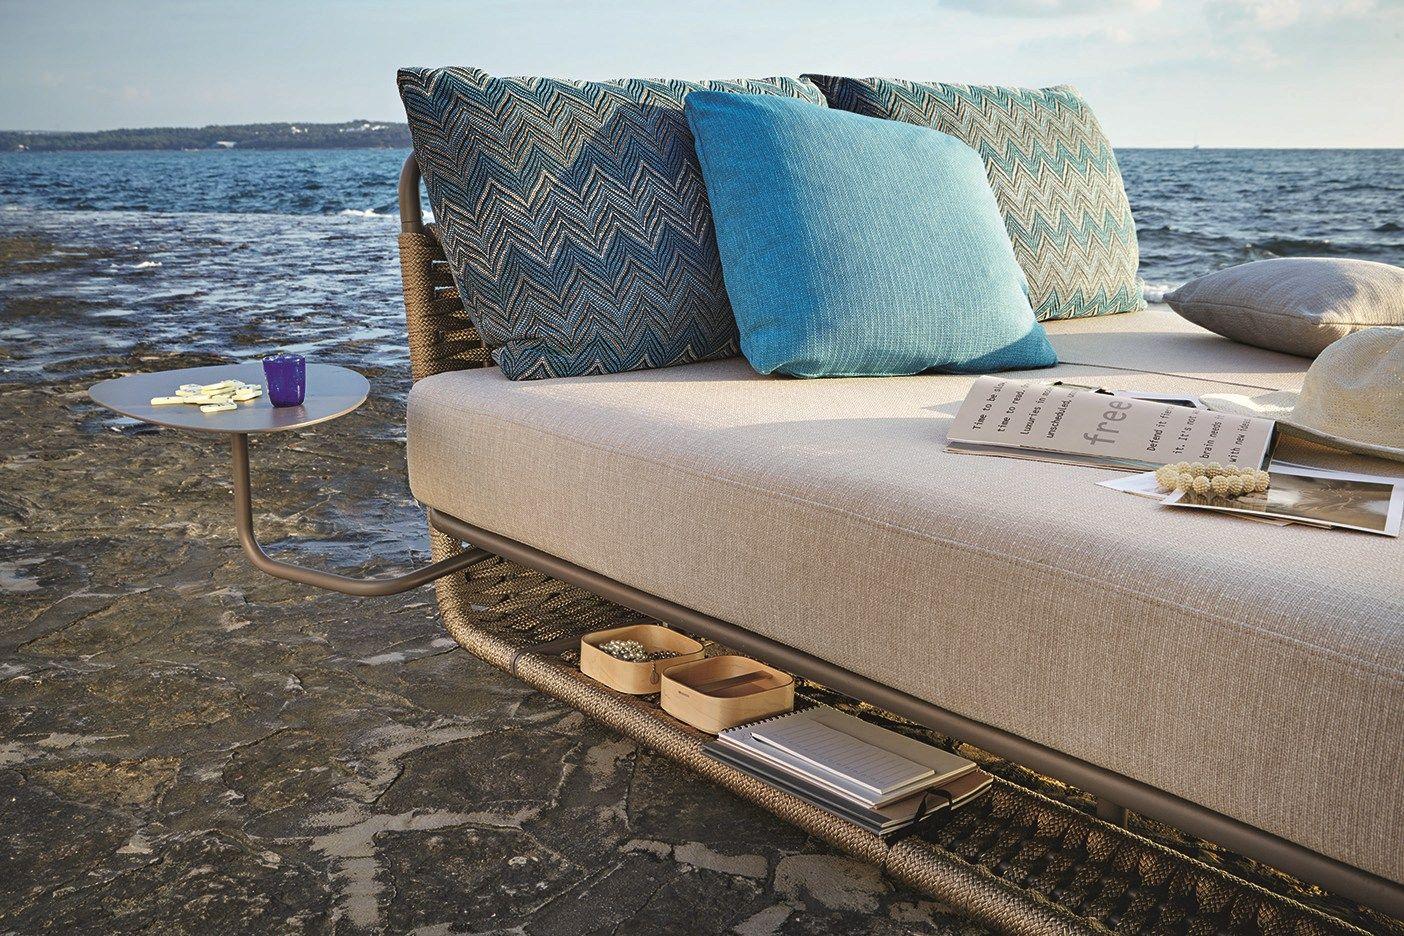 Portofino garden bed by roberti rattan design santiago - Mobilier jardin design roberti rattan ...